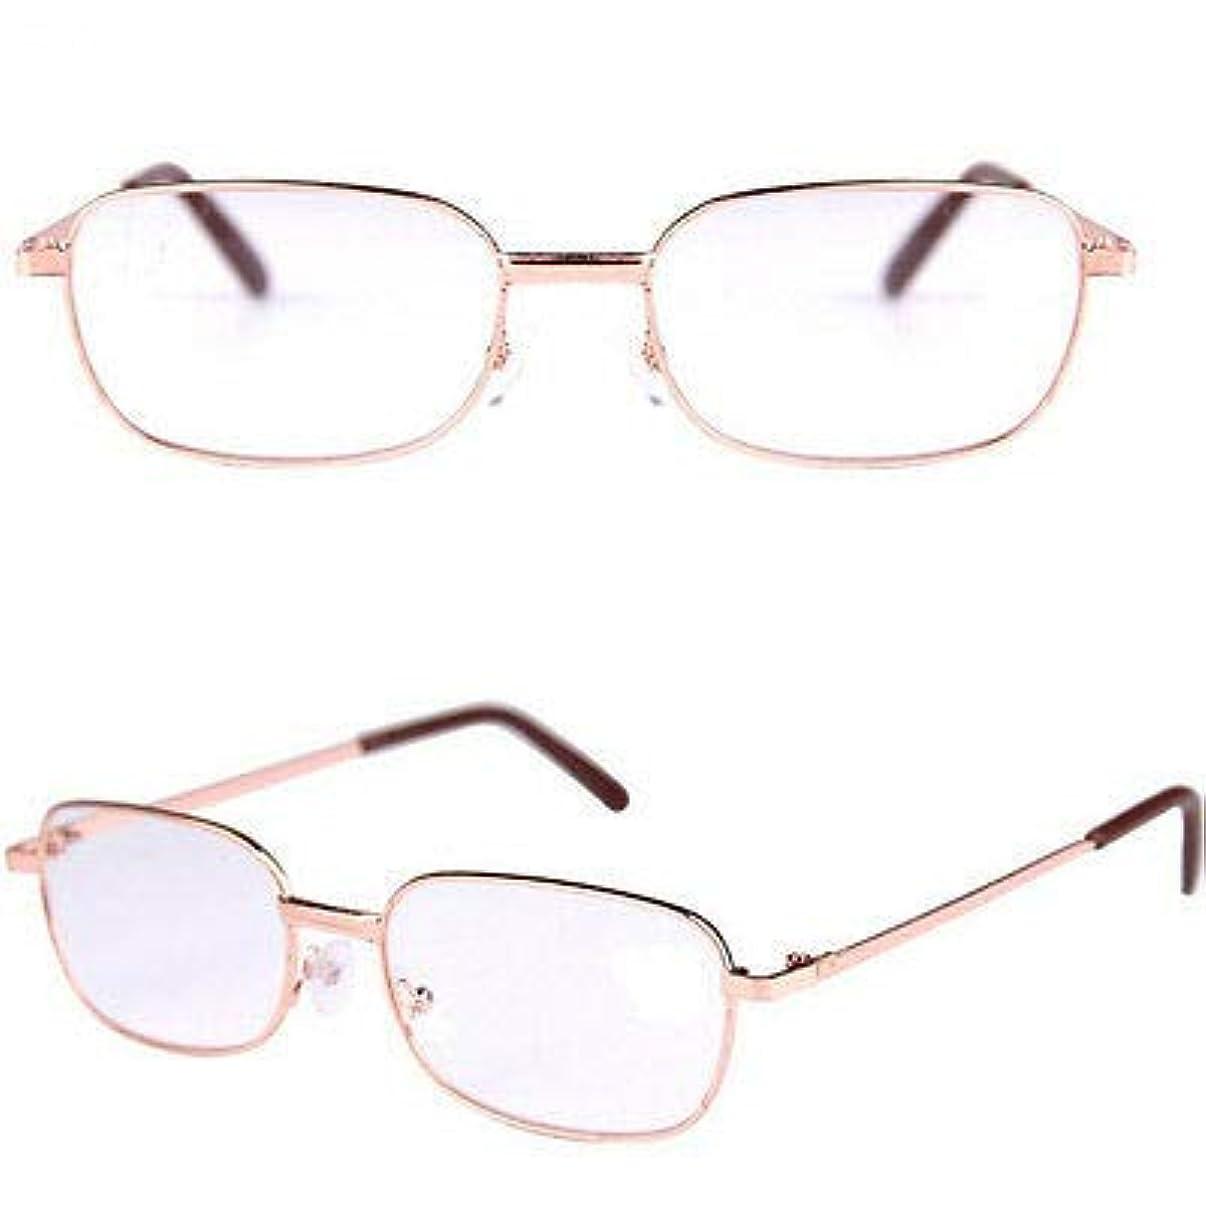 キャメル西機械的FidgetGear クラシック老眼鏡眼鏡リーダーメガネ+1.00 1.5 2.0 2.5 3.0 3.5 4.0 ゴールド